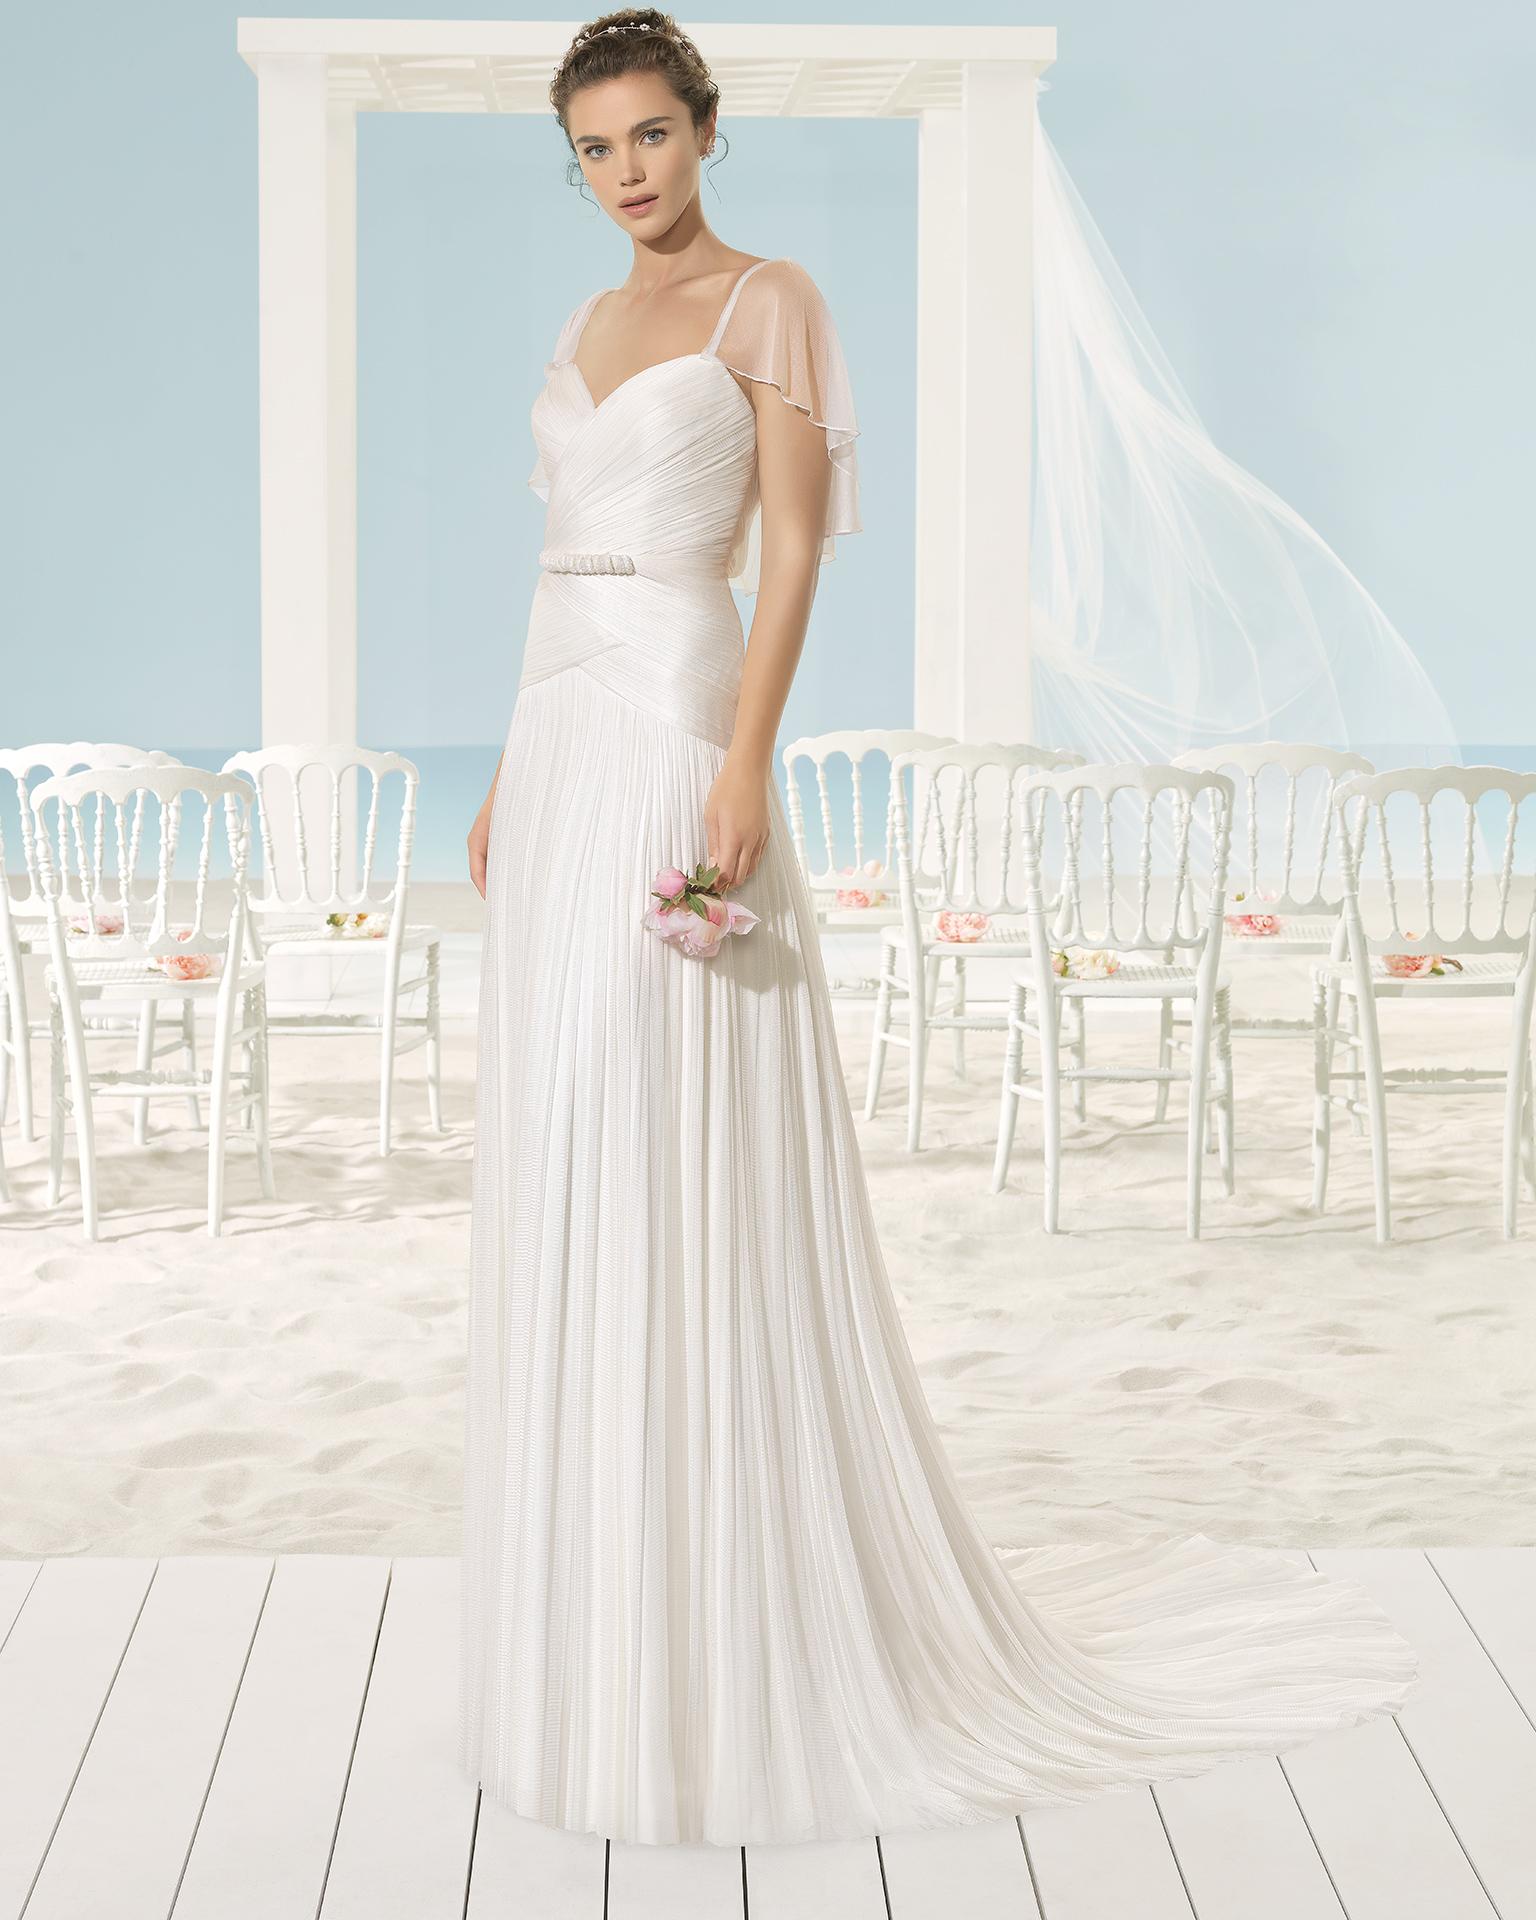 XARA rochie de mireasă Aire Barcelona Beach Wedding 2017